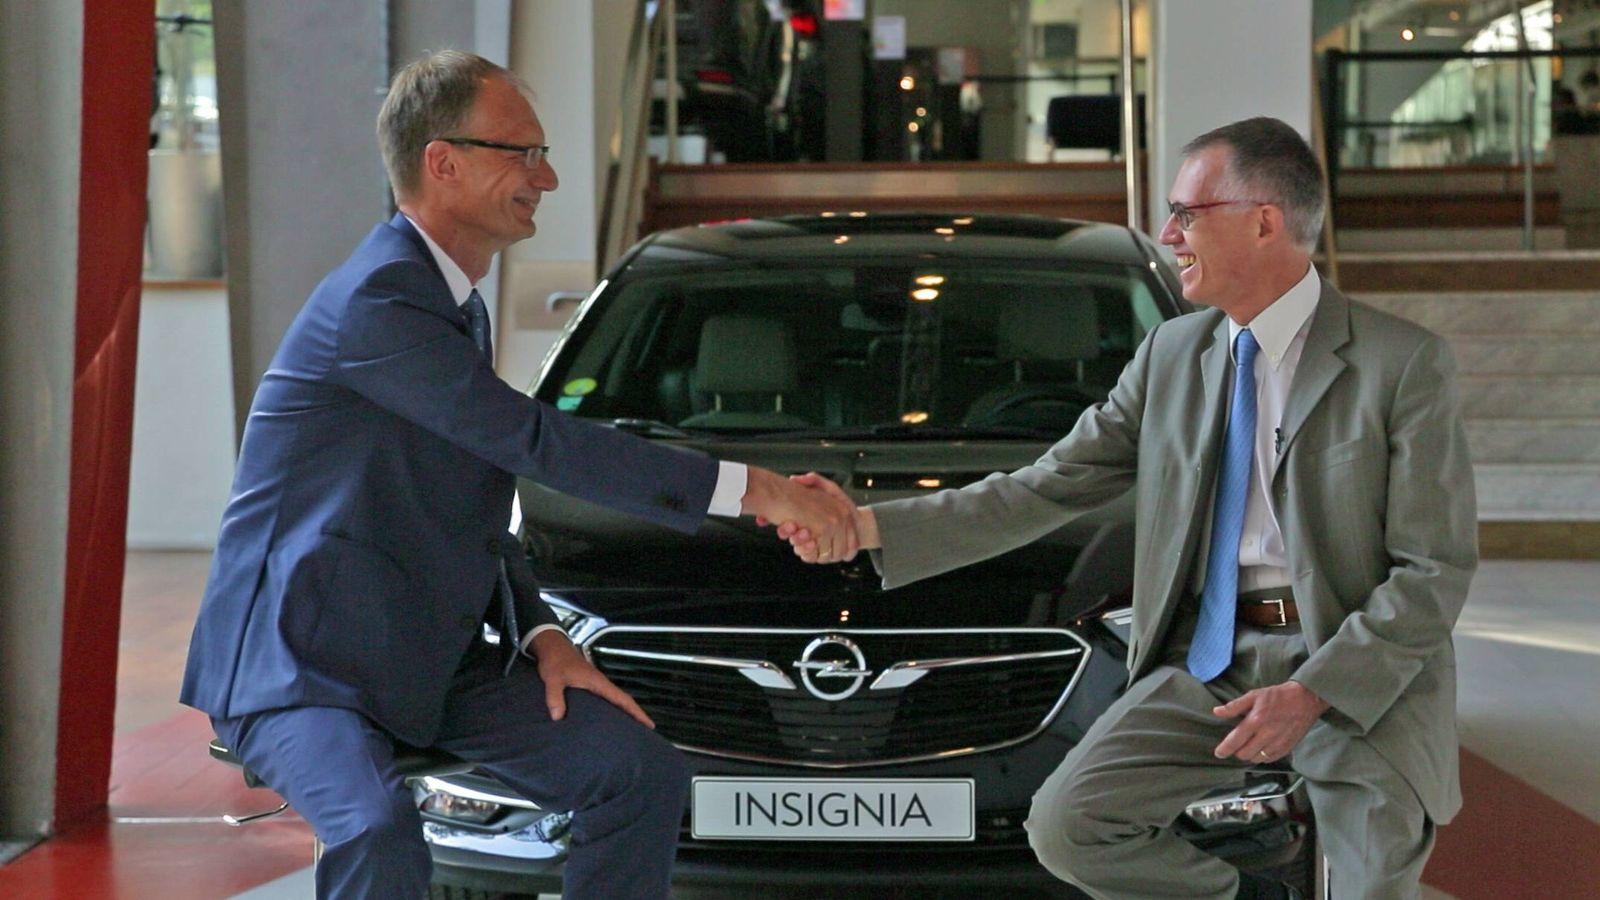 Foto: Michael Lohscheller presidente de Opel/Vauxhall y Carlos Tavares Presidente del grupo PSA a la derecha.